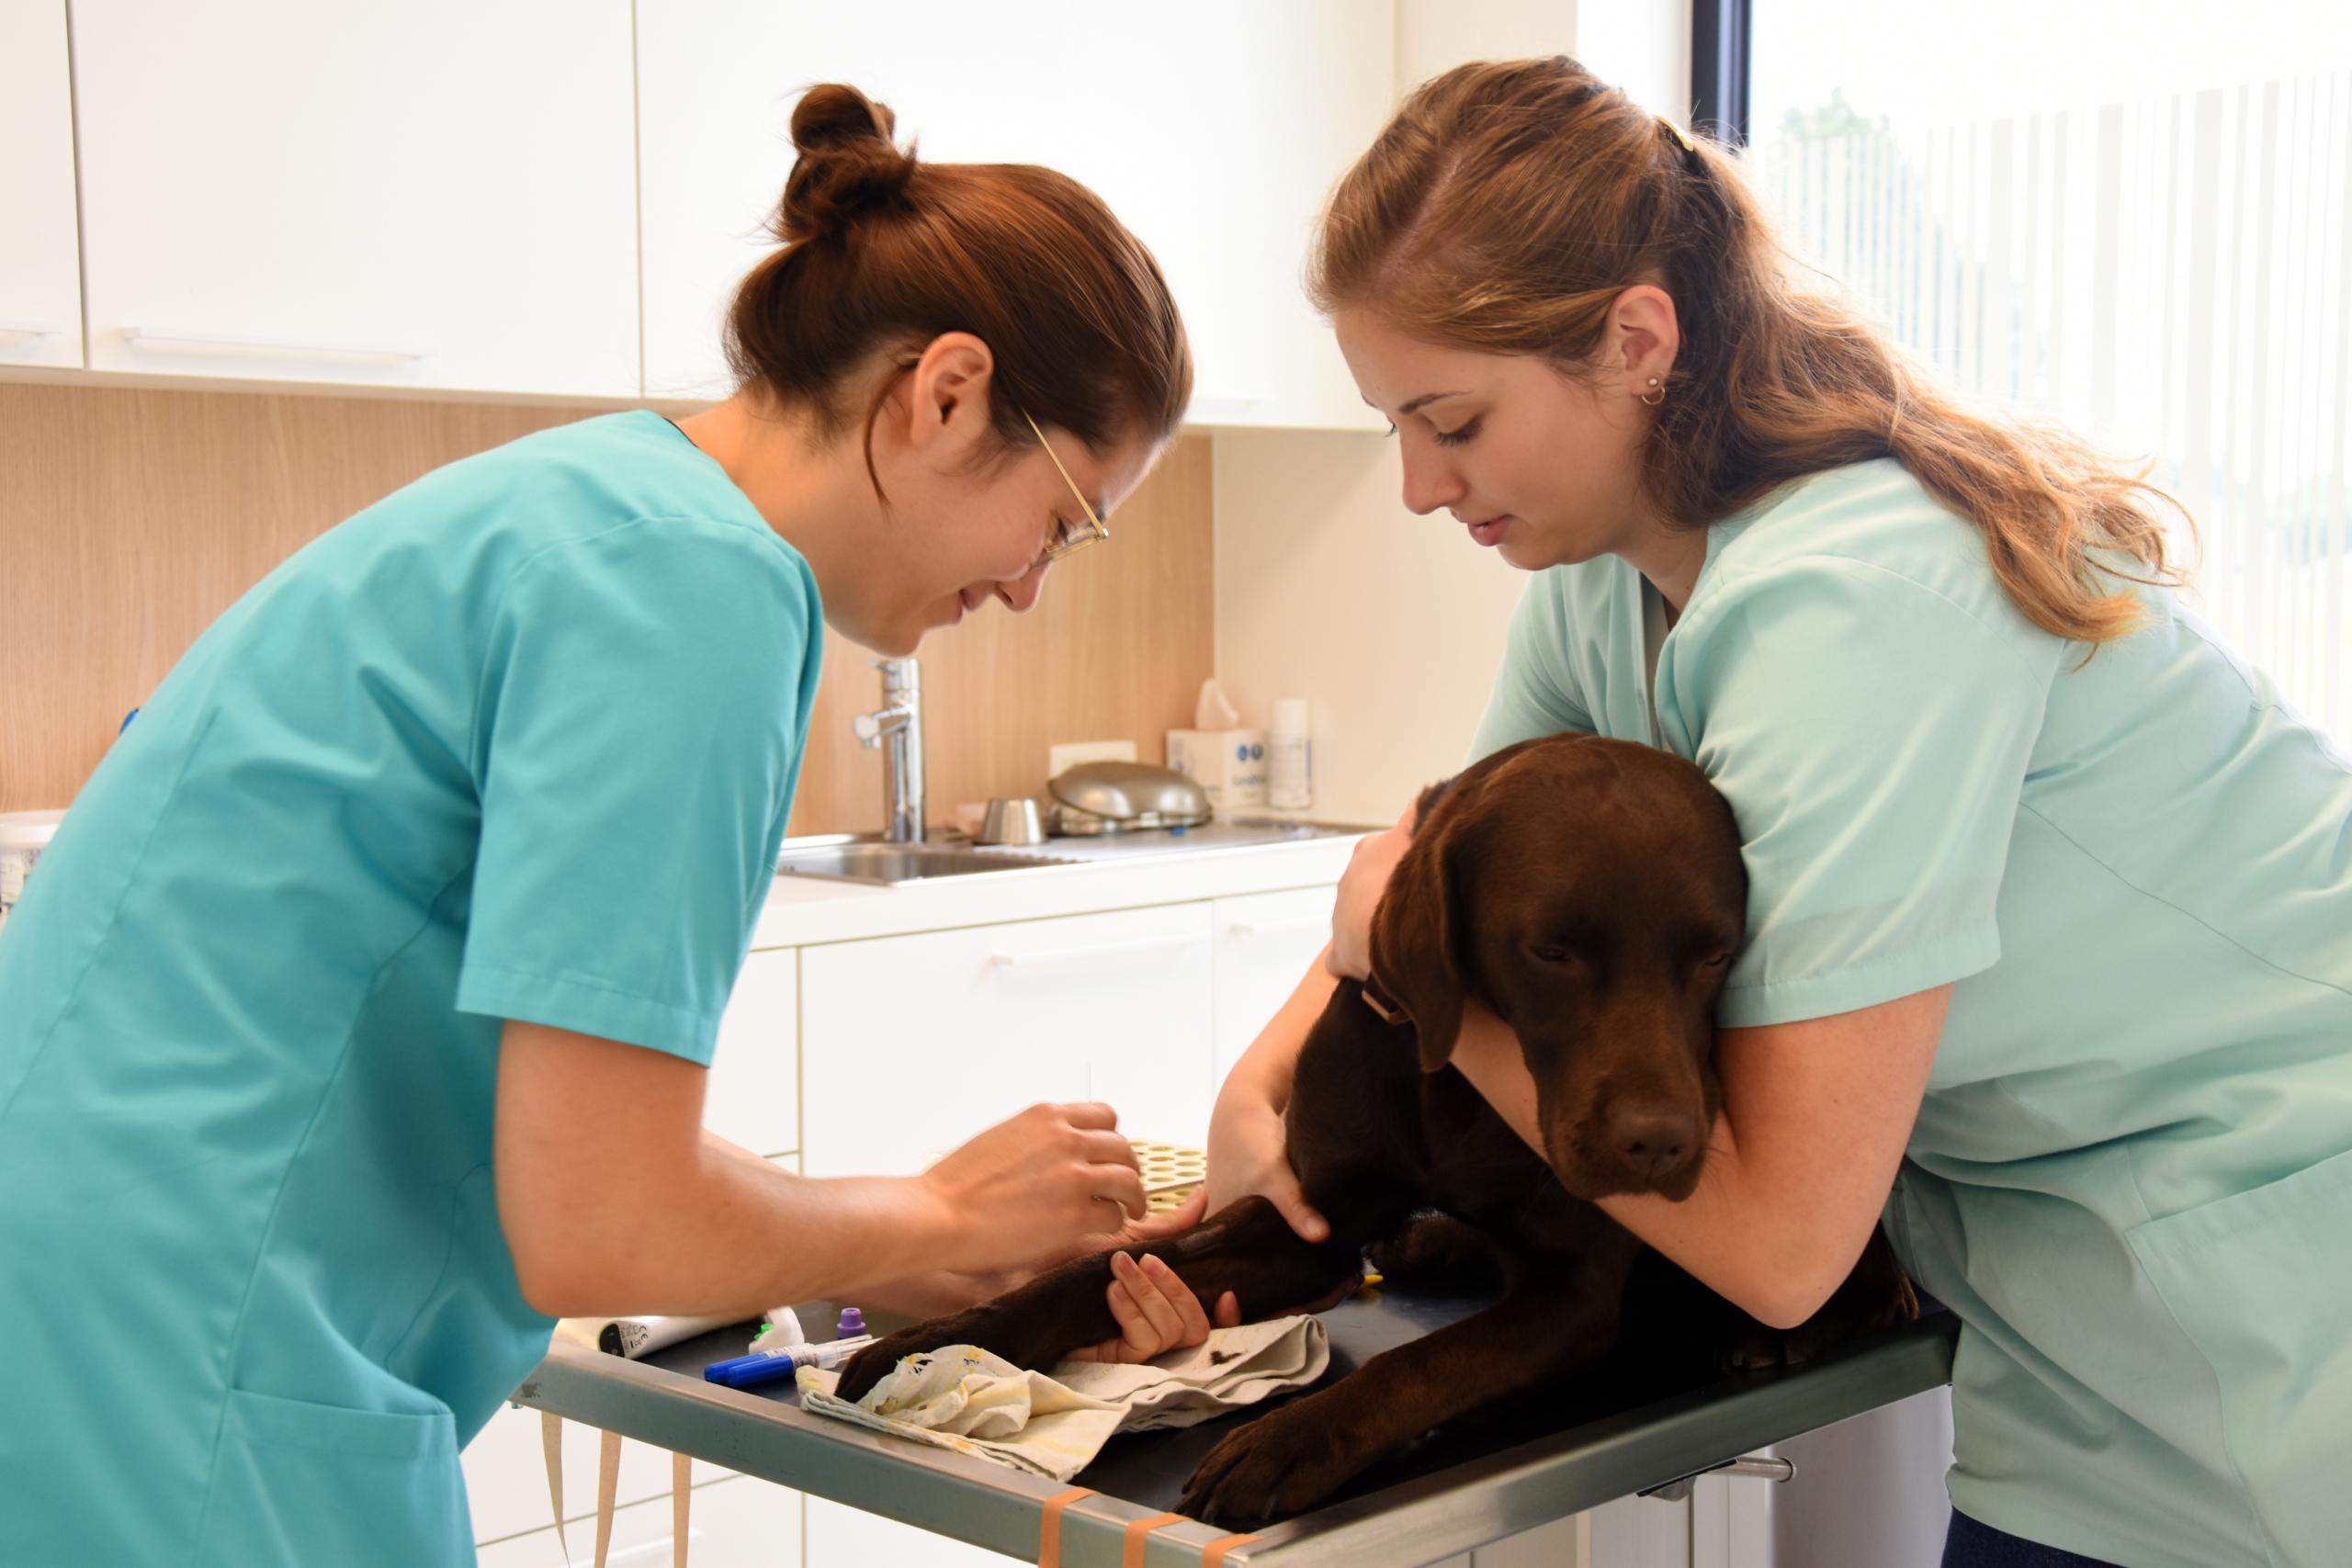 dierenartsencentrum dier-en-vriend te Ruddervoorde de consultatie